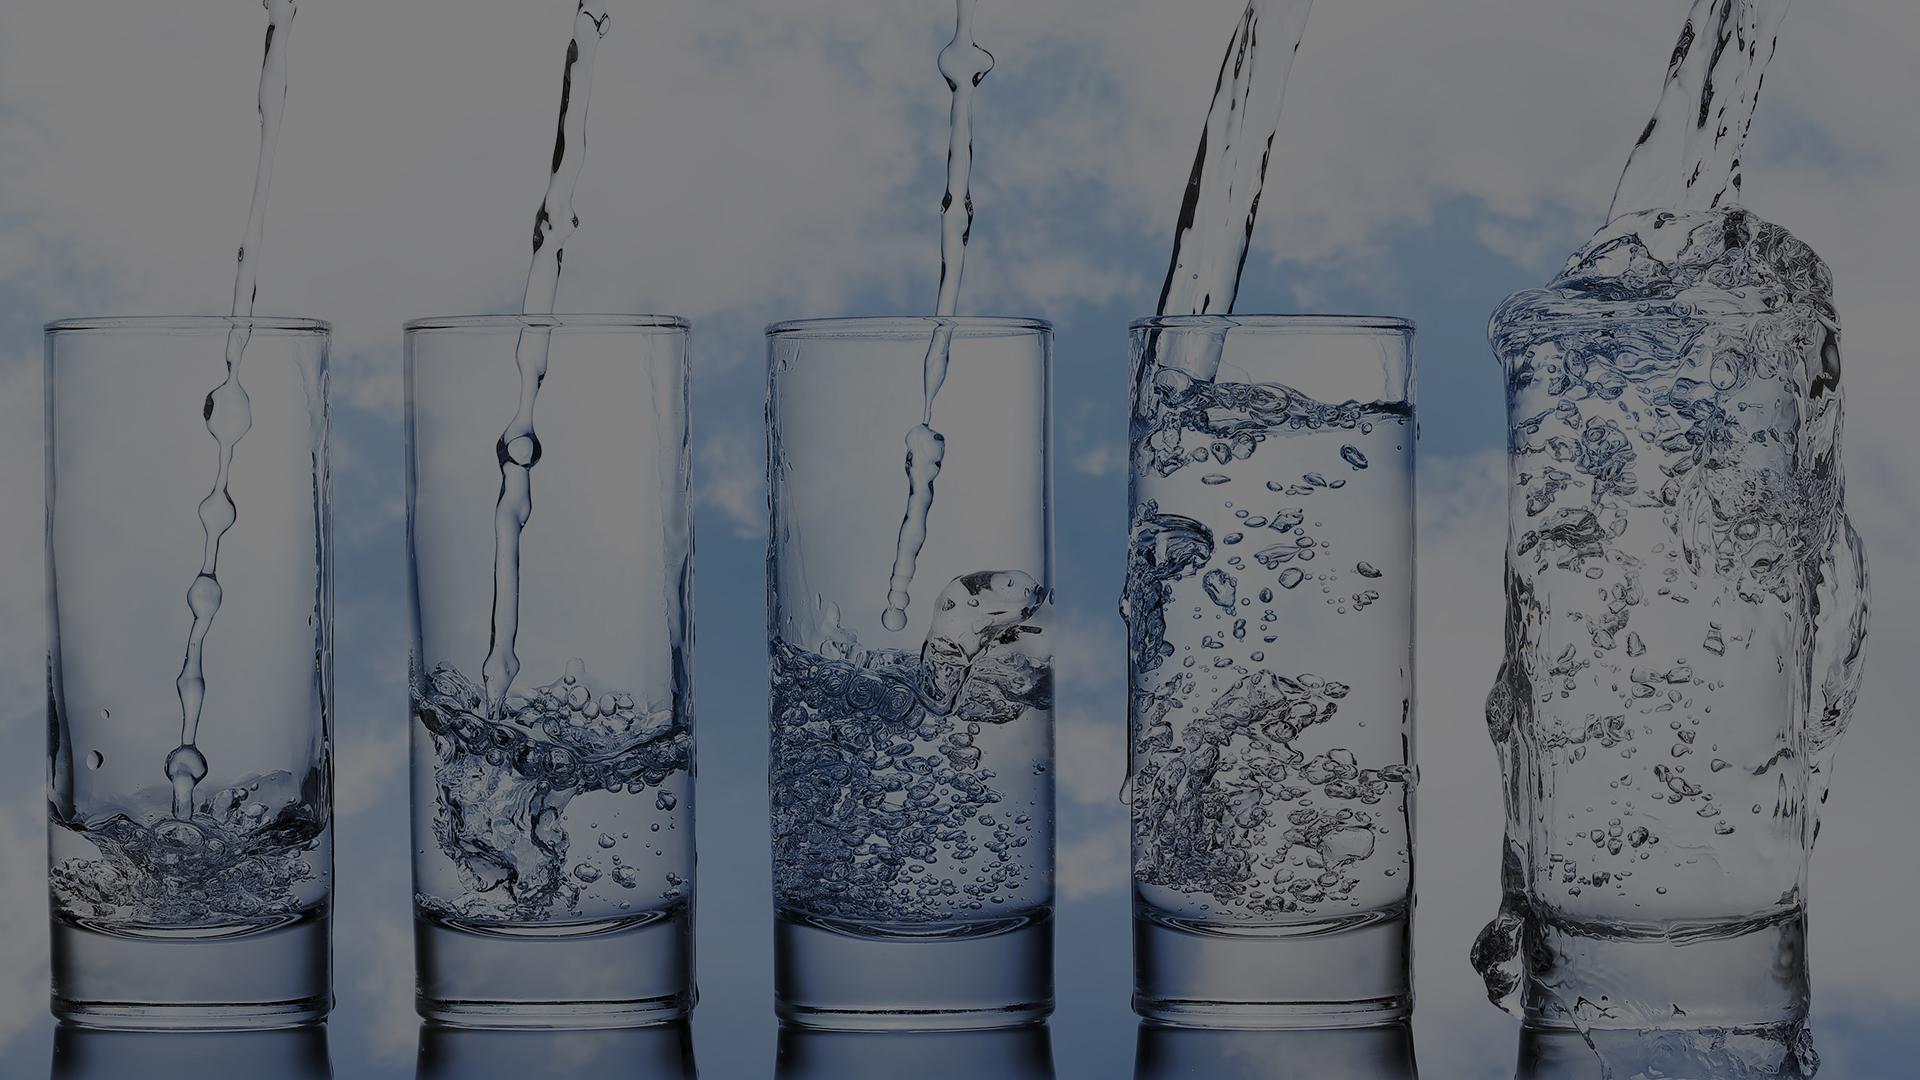 Пречистване на води, предназначени за питейно-битово водоснабдяване